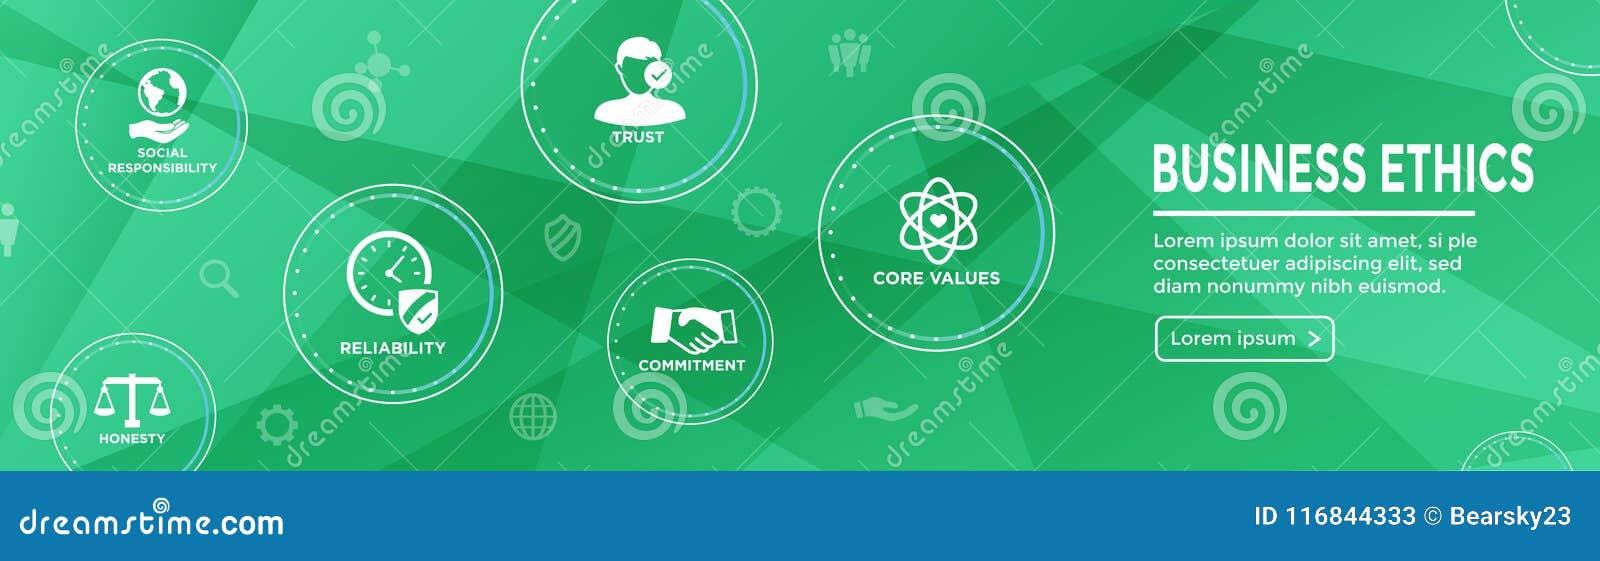 Icono de la bandera del web de la ética empresarial fijado con la honradez, integridad, COM